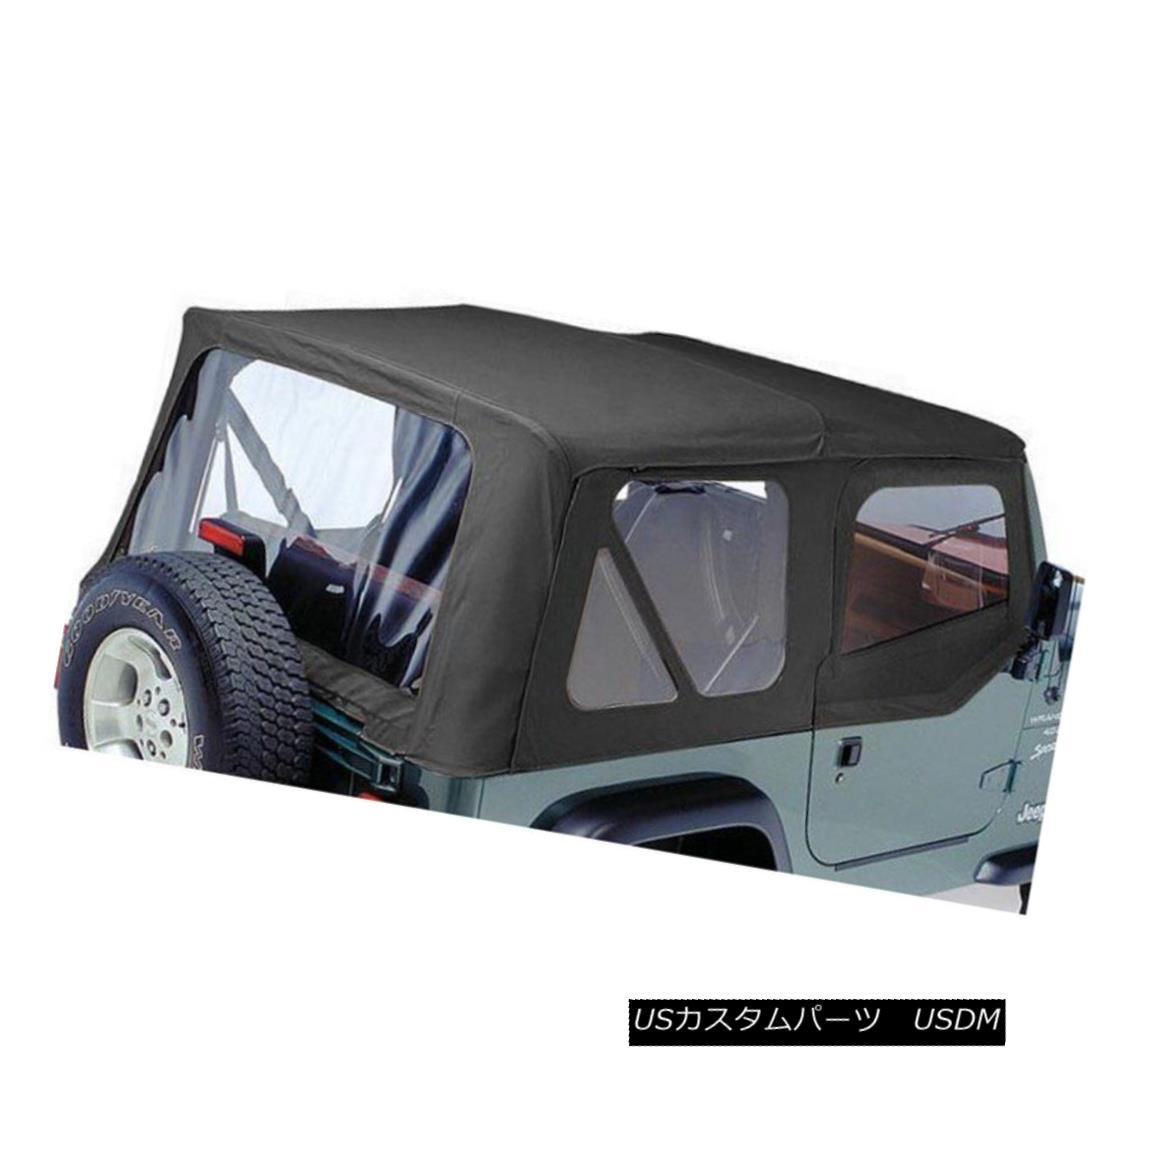 幌・ソフトトップ Pavement Ends New Soft Top Black Jeep Wrangler 1997-2002 舗装が新しいソフトトップブラックジープラングラー1997-2002を終了